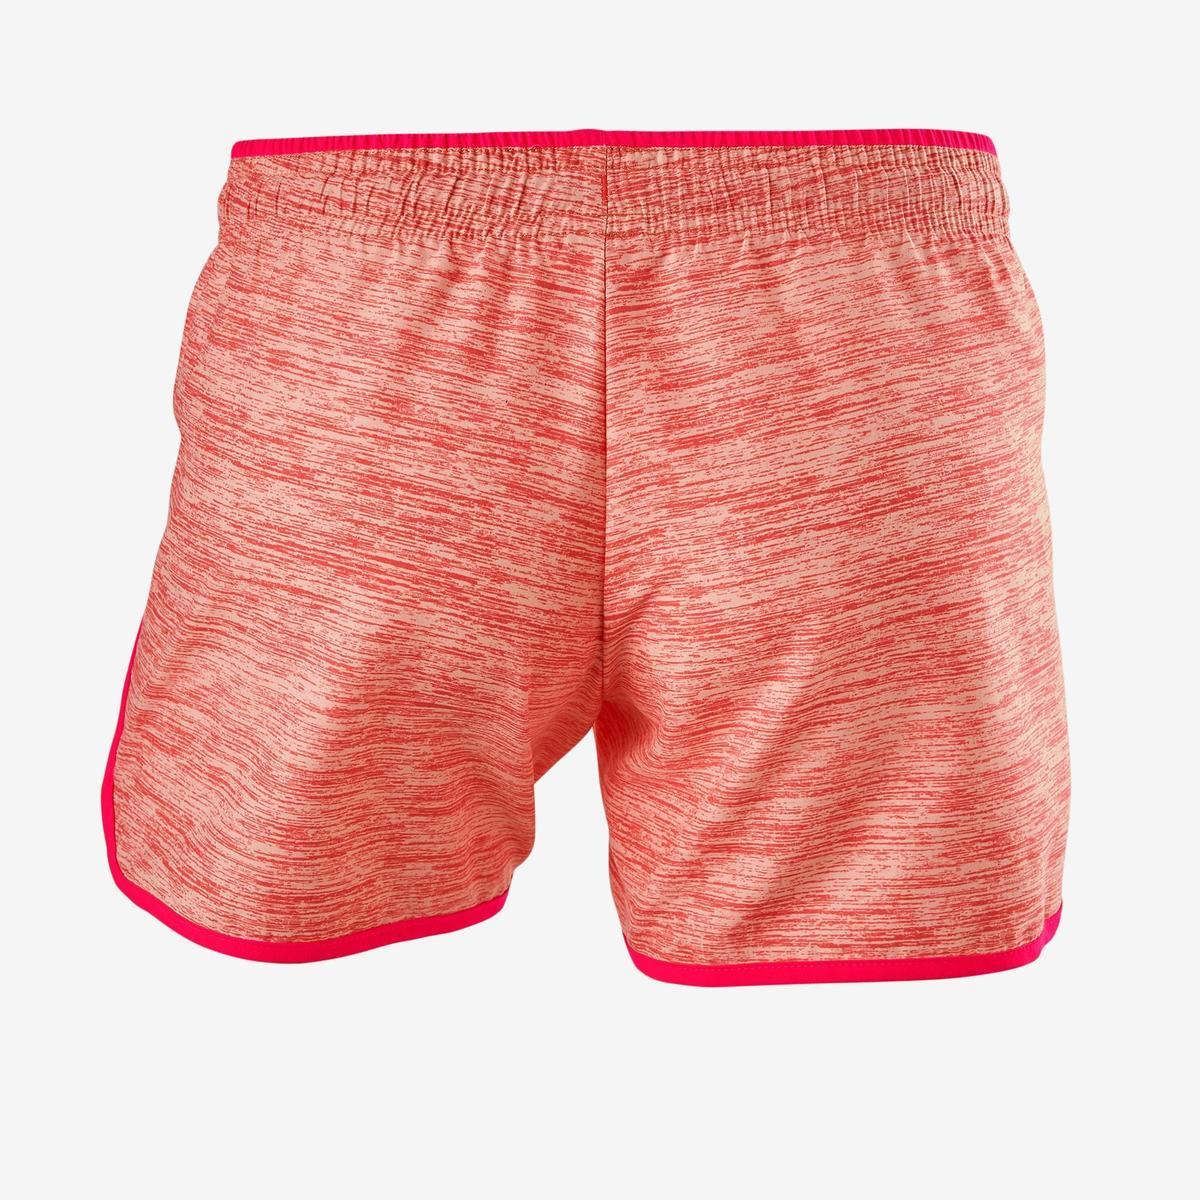 Bild 3 von Sporthose kurz W500 Gym Mädchen rosa